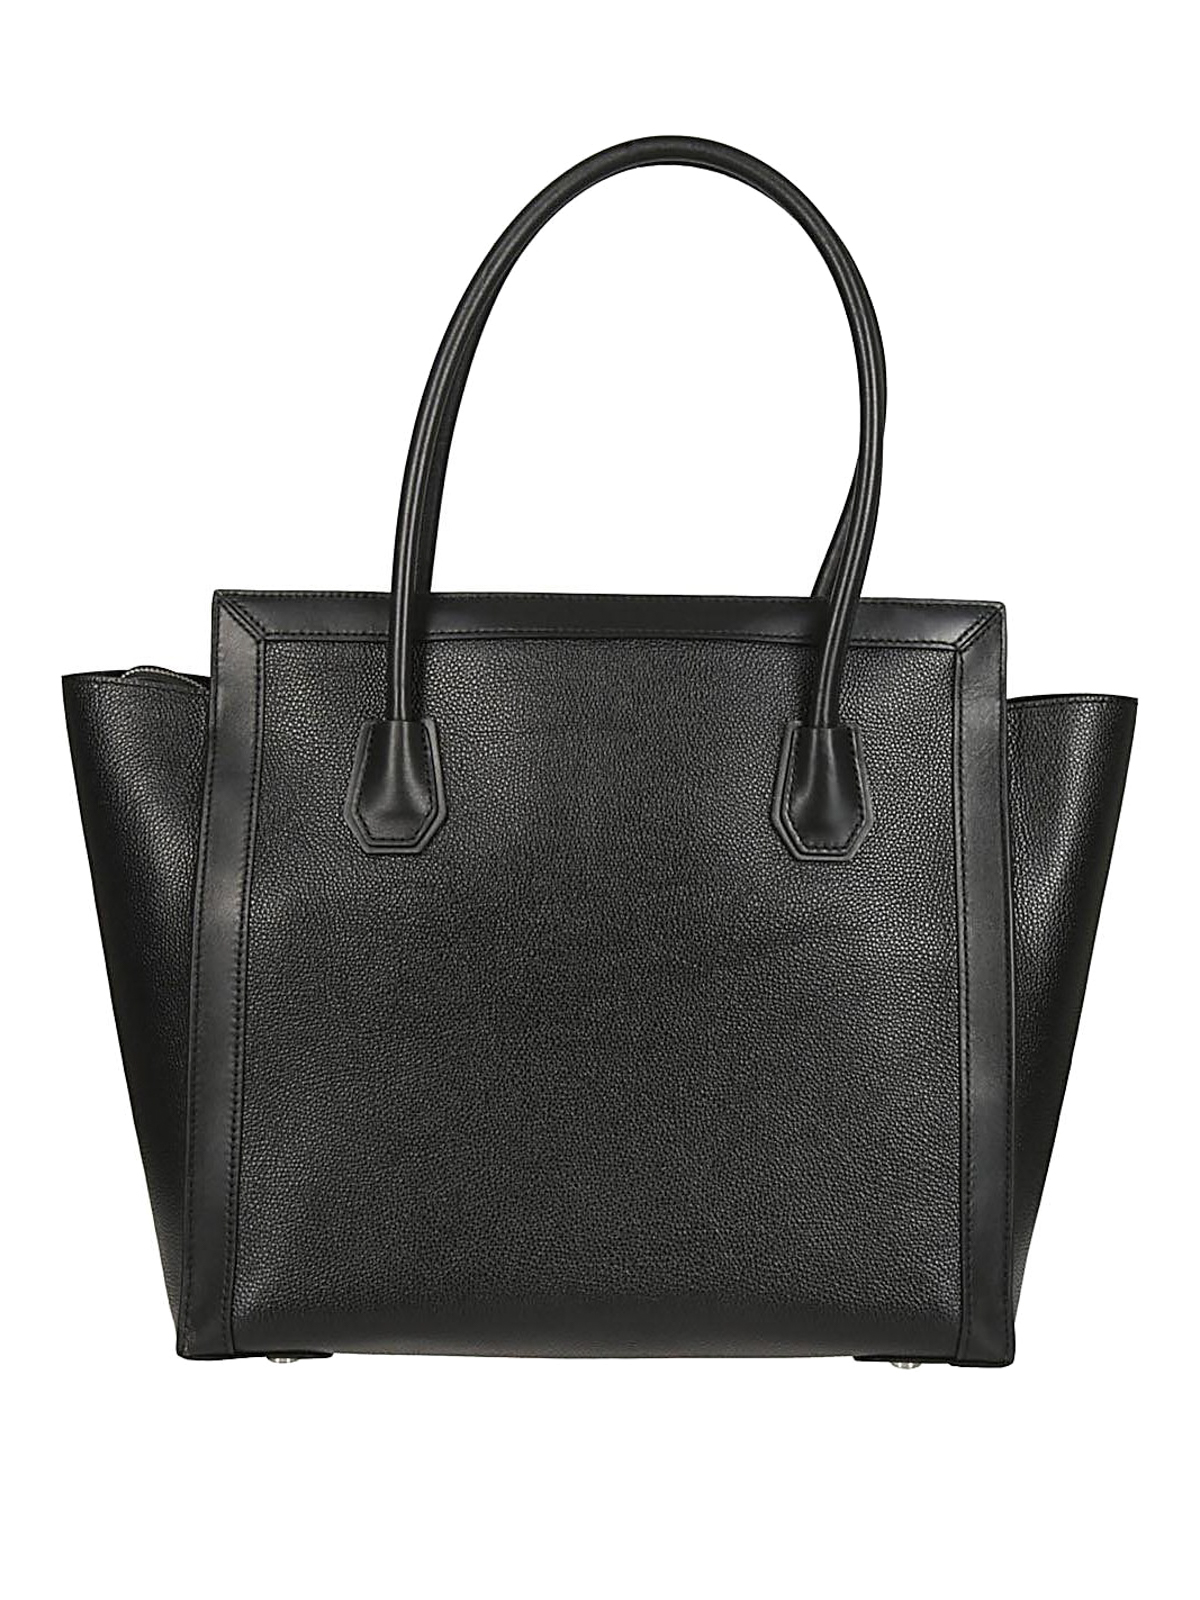 28399b7f81089e iKRIX MICHAEL KORS: totes bags - Mercer Studio L black leather tote